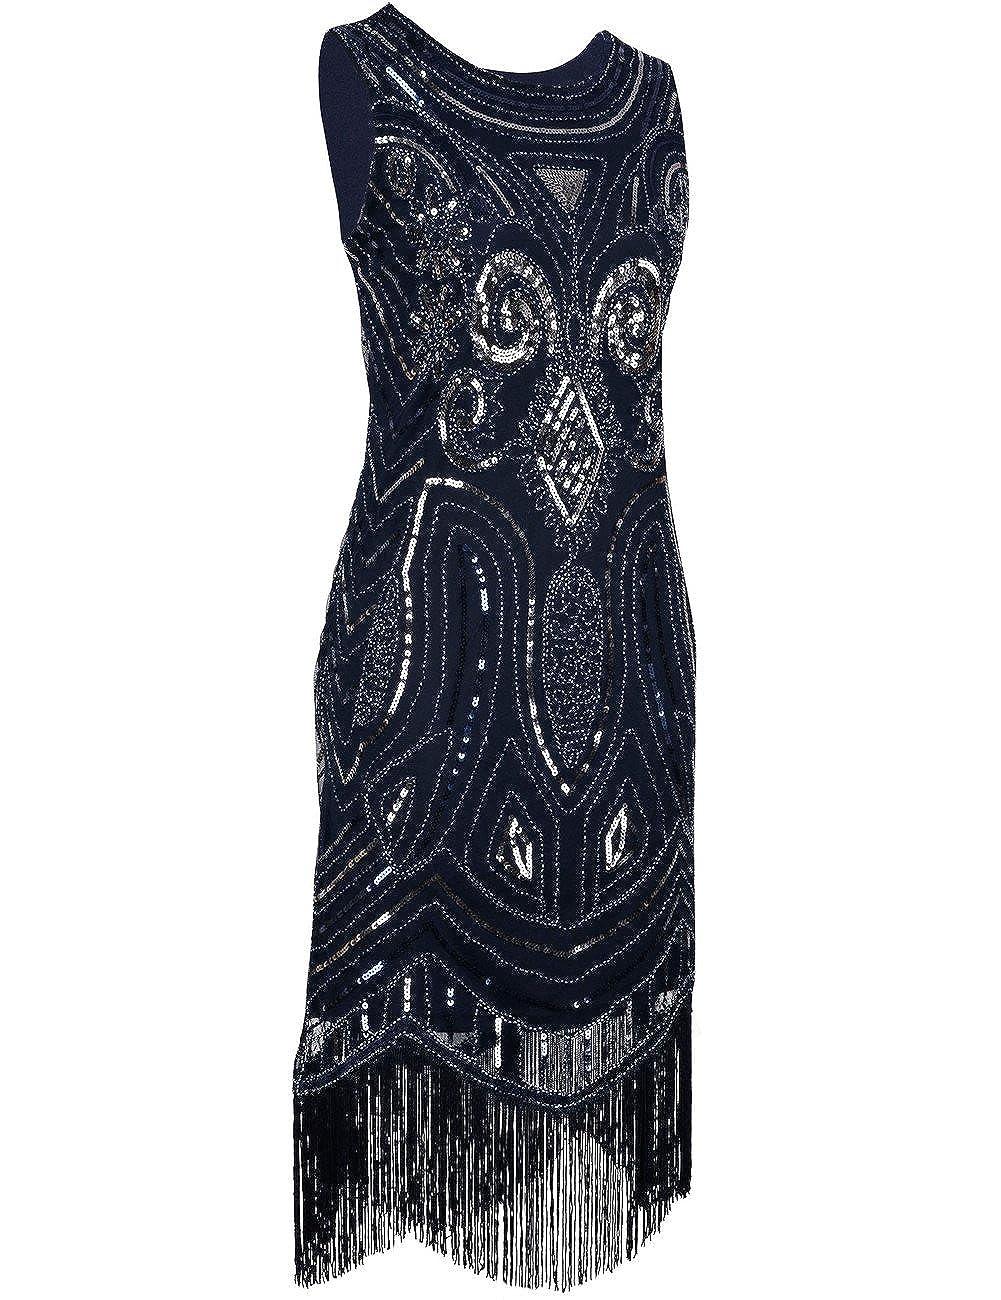 kayamiya Mujer 1920s Lentejuelas con Cuentas Decorativas Flecos Gatsby Flapper Dress - -: Amazon.es: Ropa y accesorios